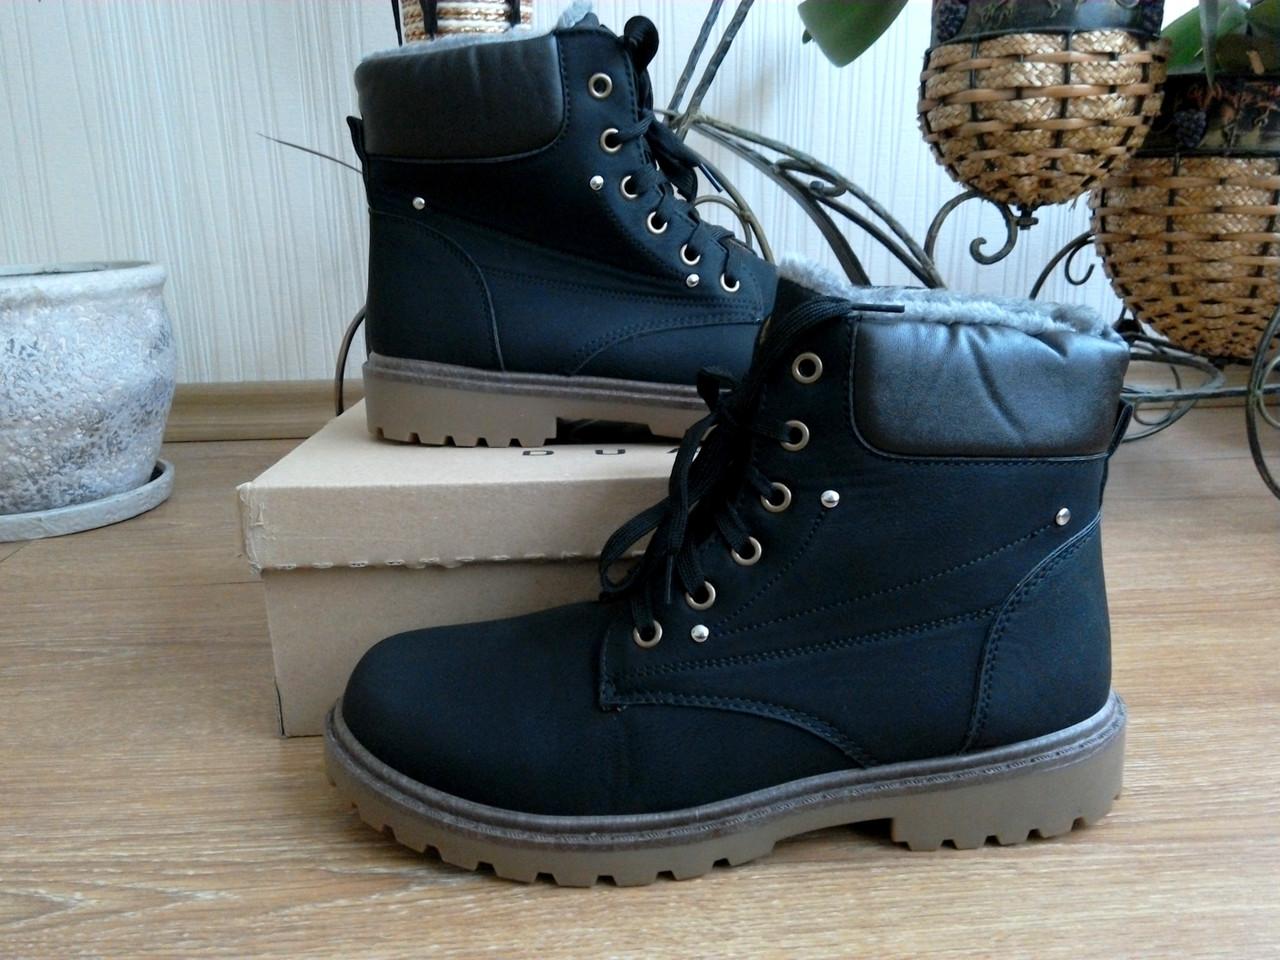 Зимние ботинки мужские. Зимняя обувь мужская. Мужские ботинки. Зимние ботинки. Высокие ботинки. Ботинки 2015